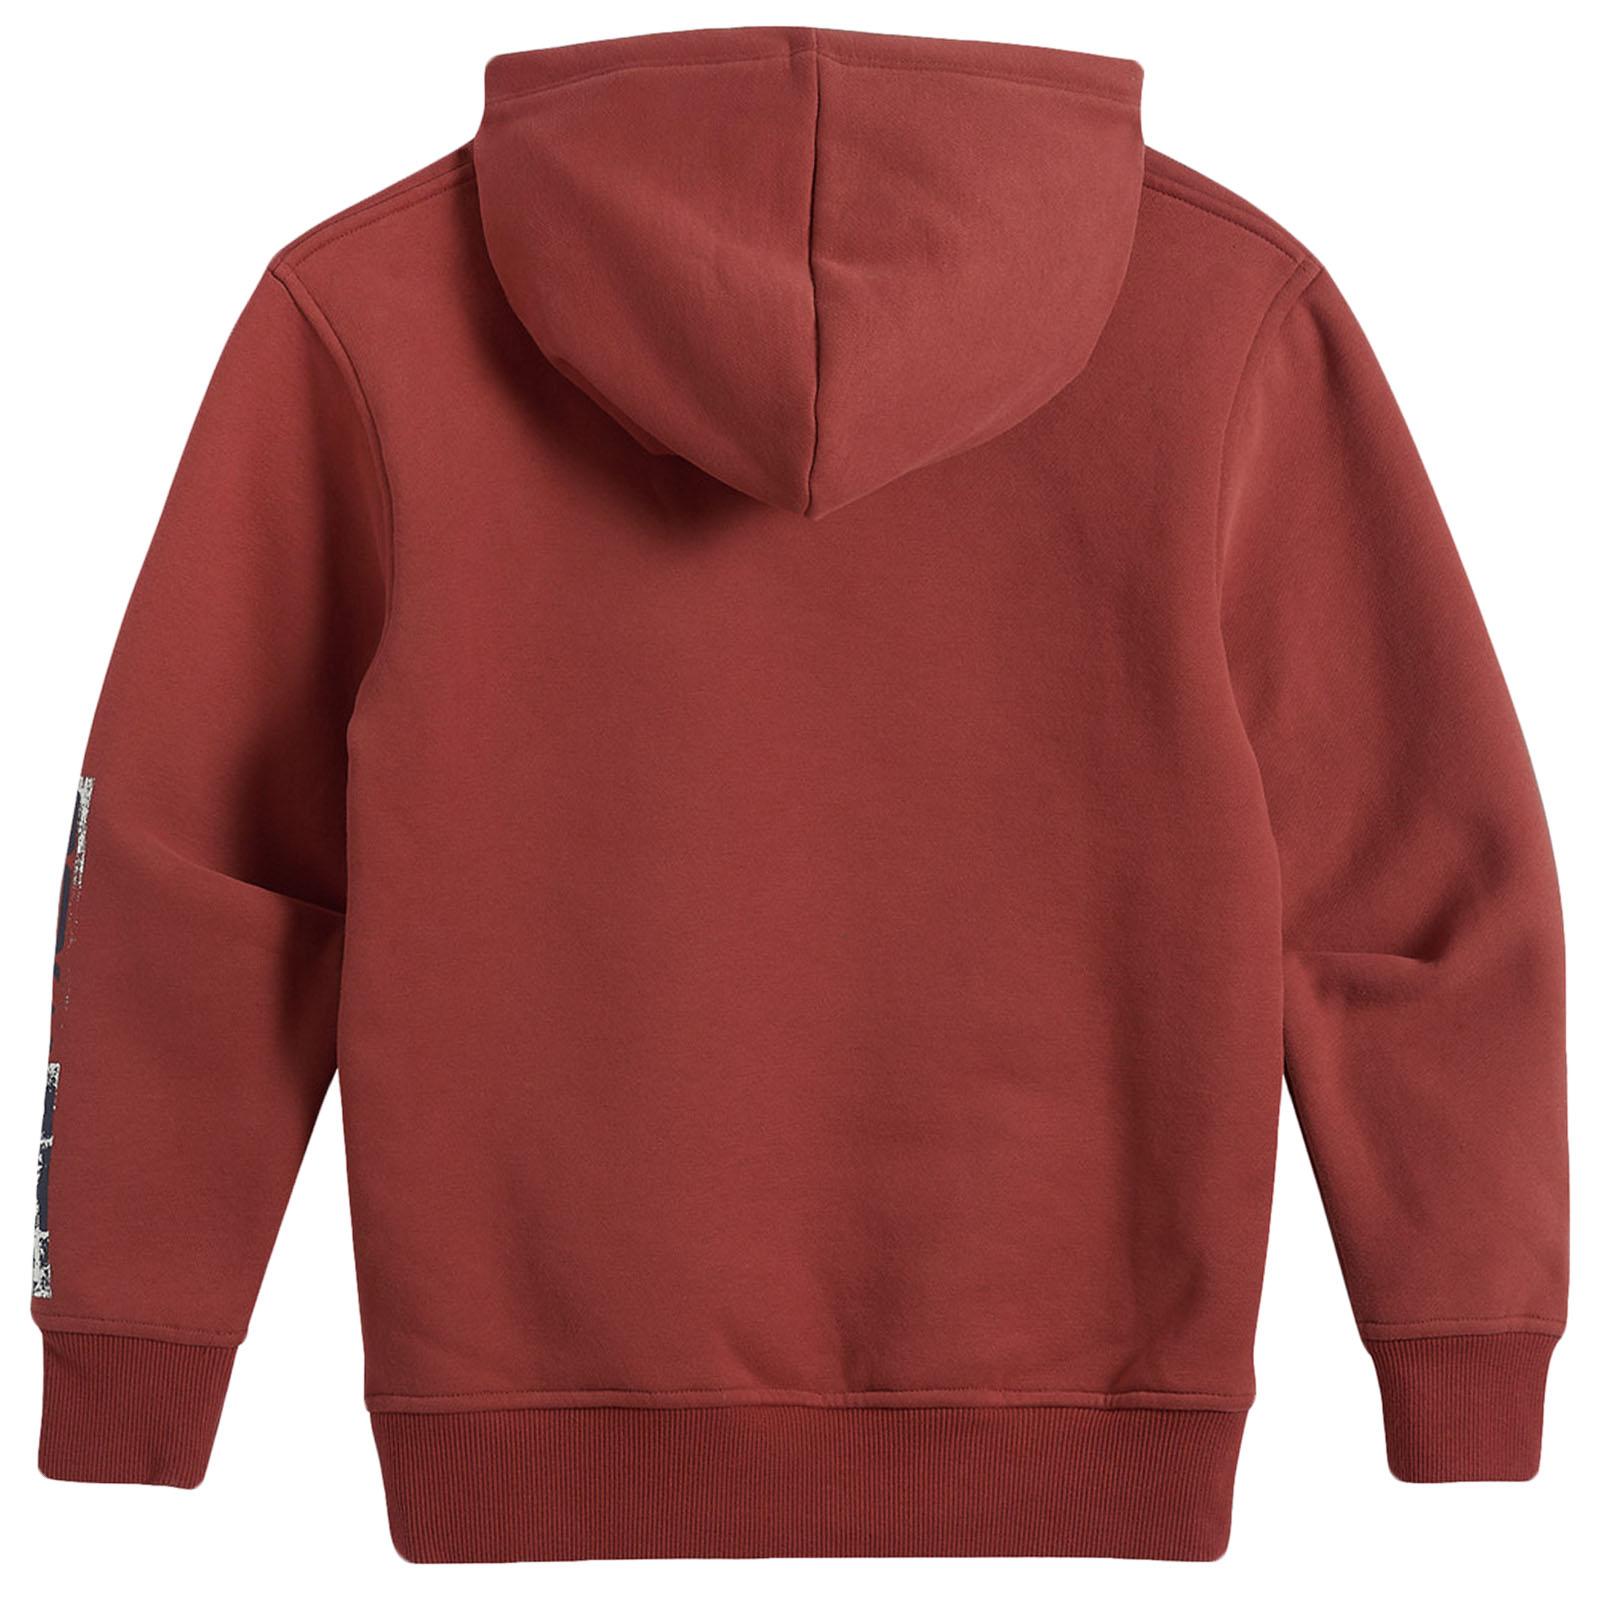 Animal-Boys-Kids-Roadie-Long-Sleeve-Hooded-Pullover-Sweatershirt-Jumper-Hoodie thumbnail 7